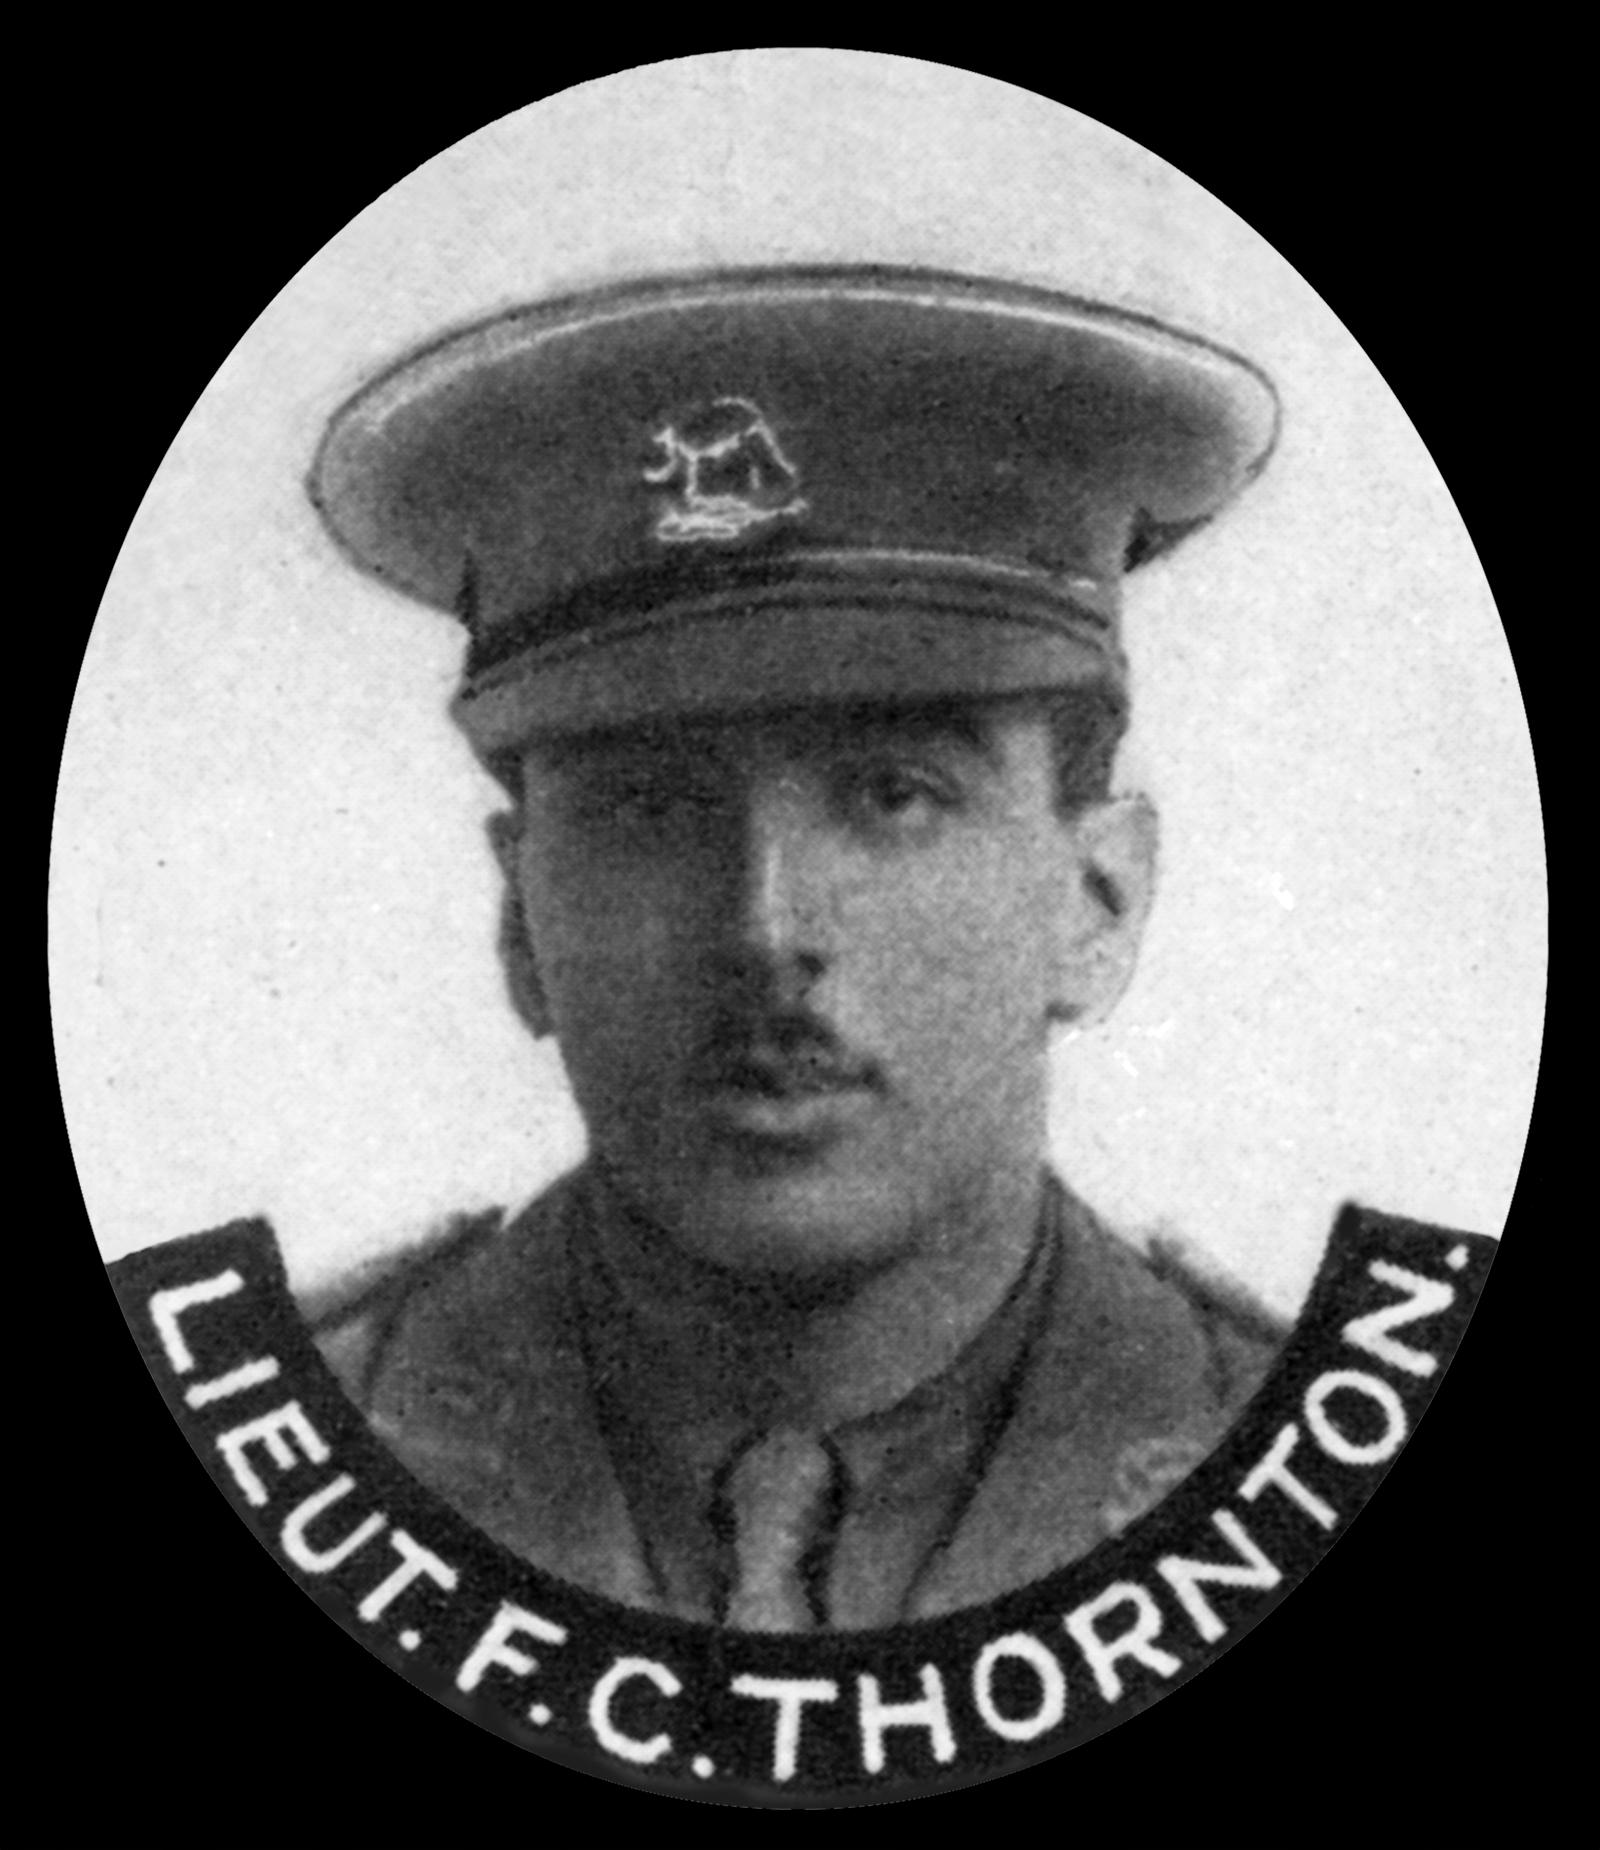 THORNTON Frank Cecil